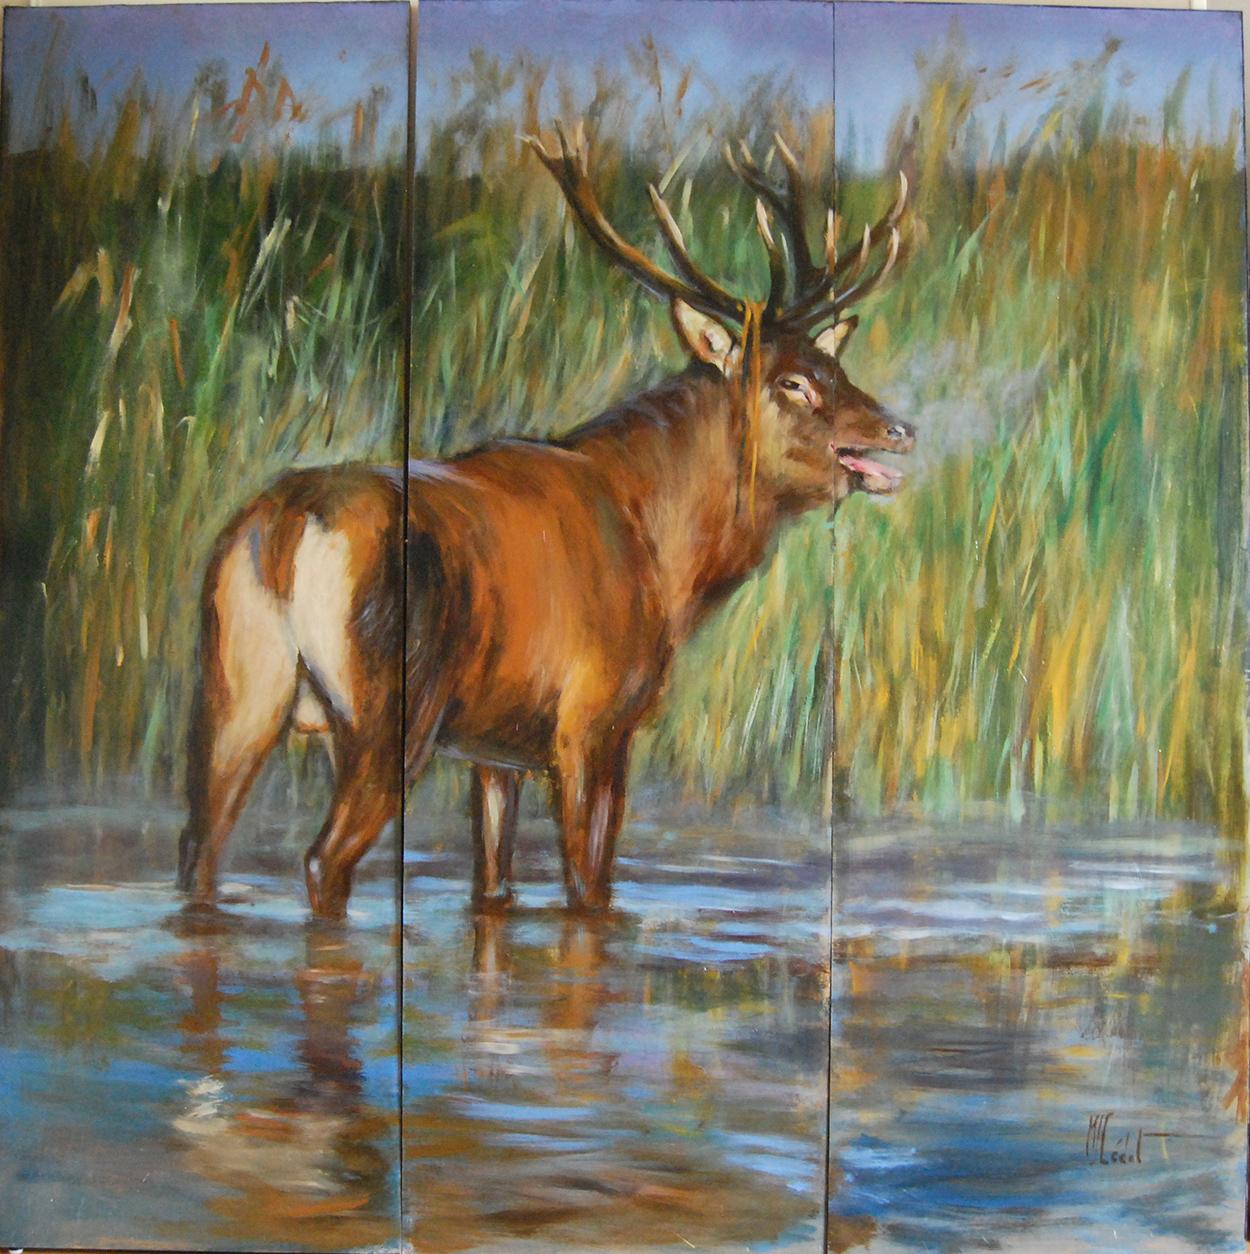 paravent bat l'eau face 1 – Acrylique sur panneau de bois 180 x 180 cm